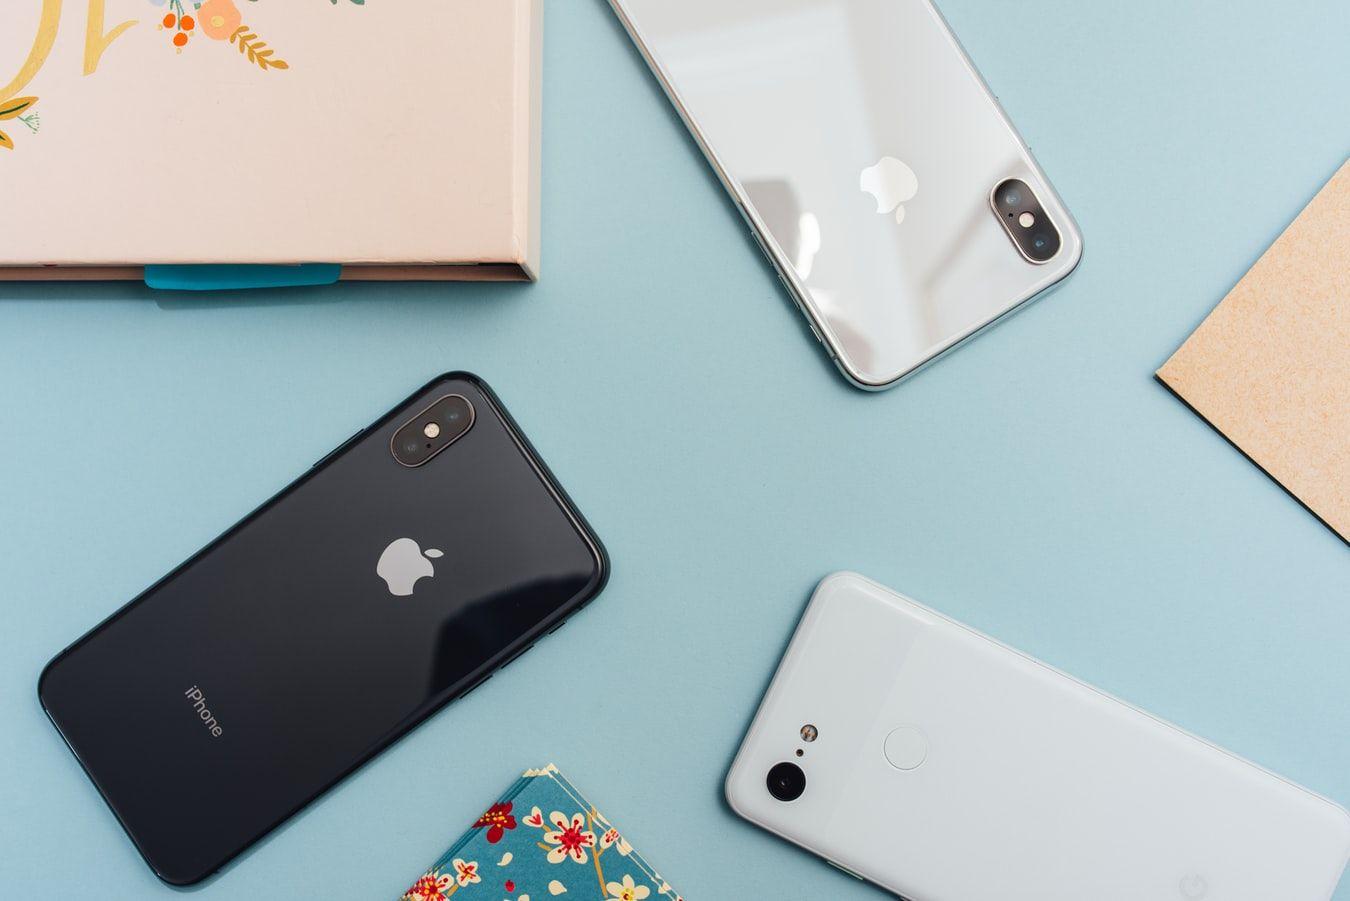 Nowy iPhone 11 Pro. Gdzie kupić najtaniej?